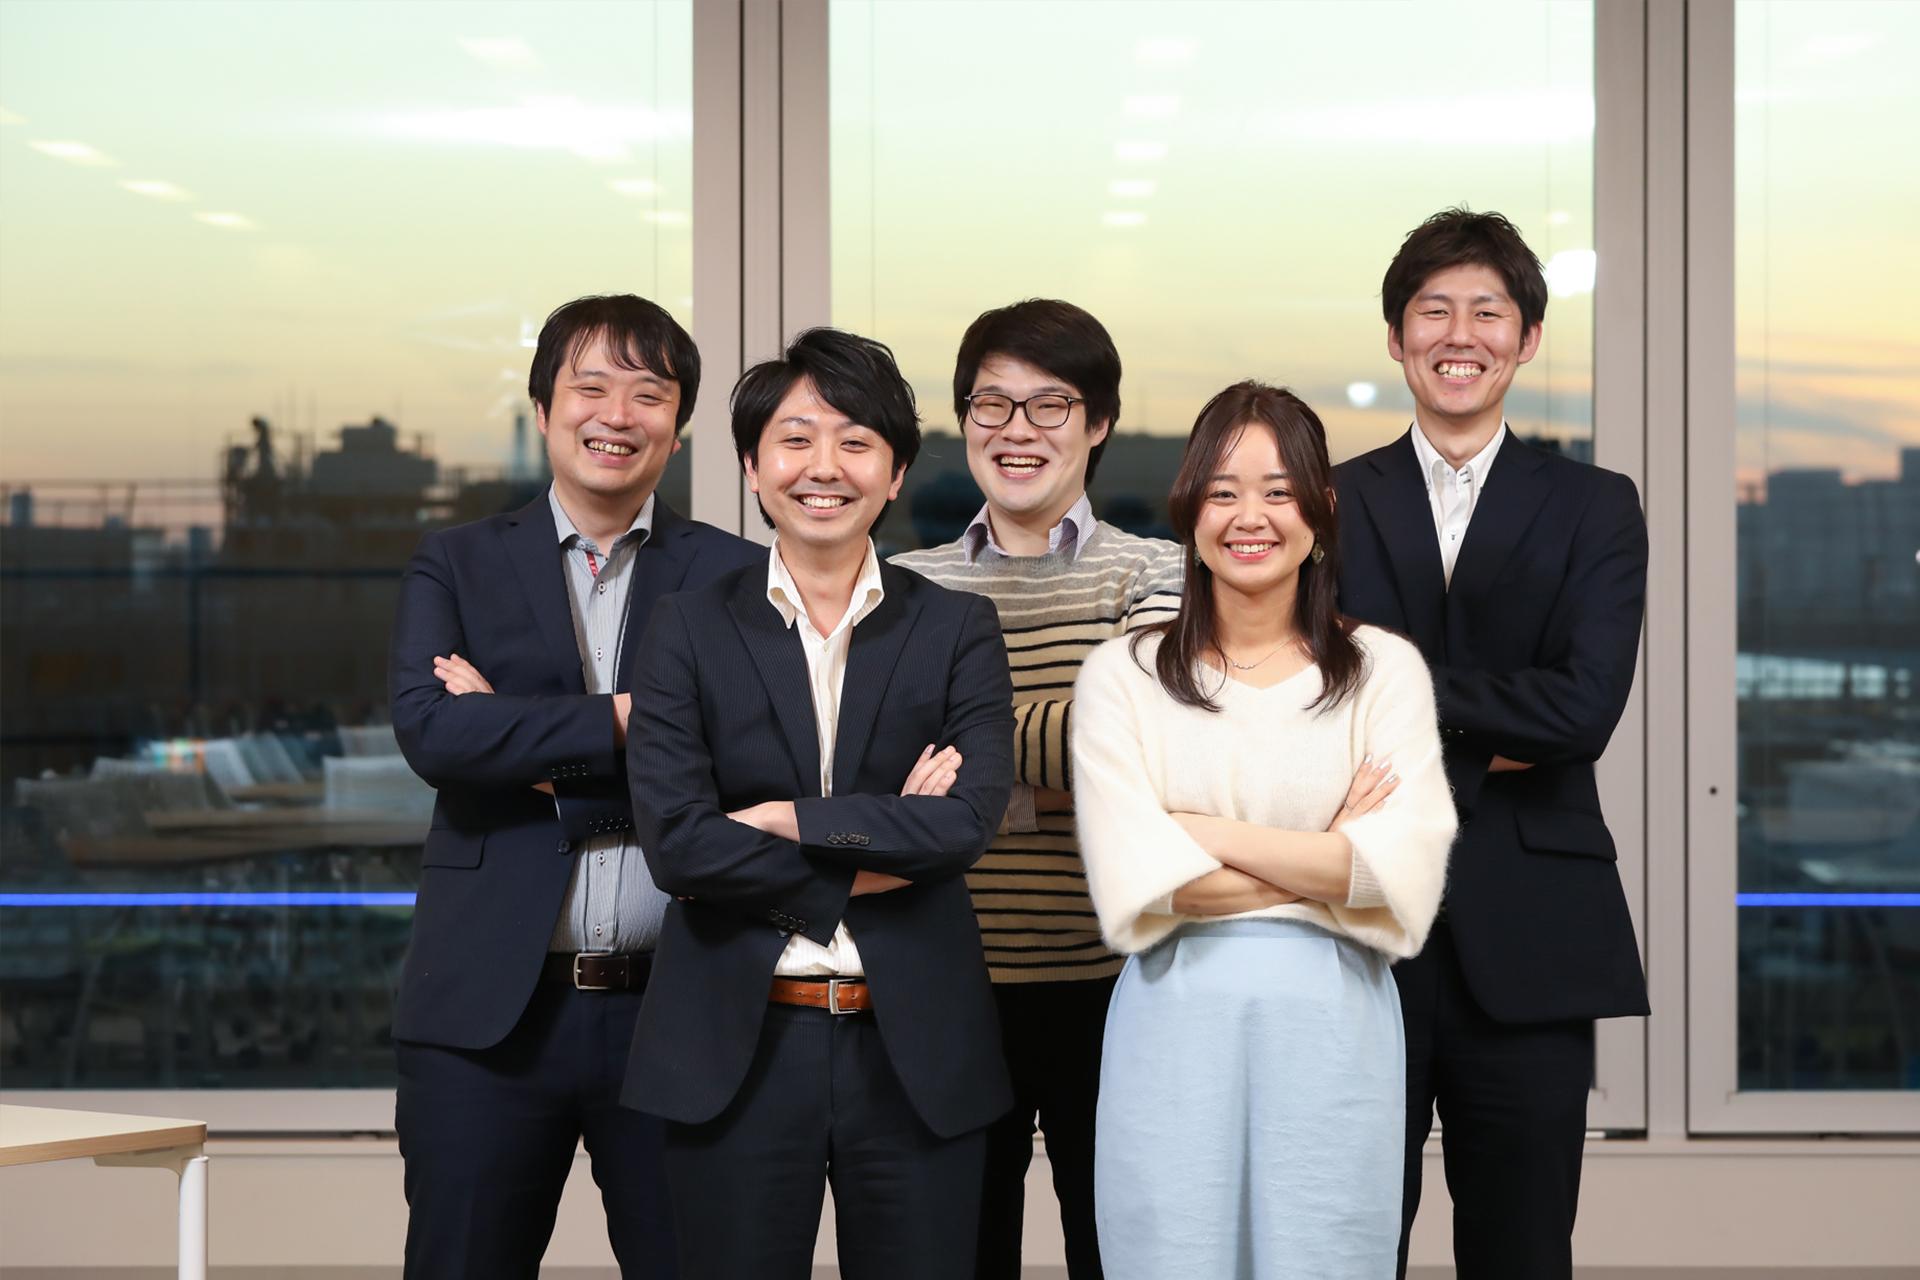 日本とアジアをつなぐ、Global Bridge COMPANY